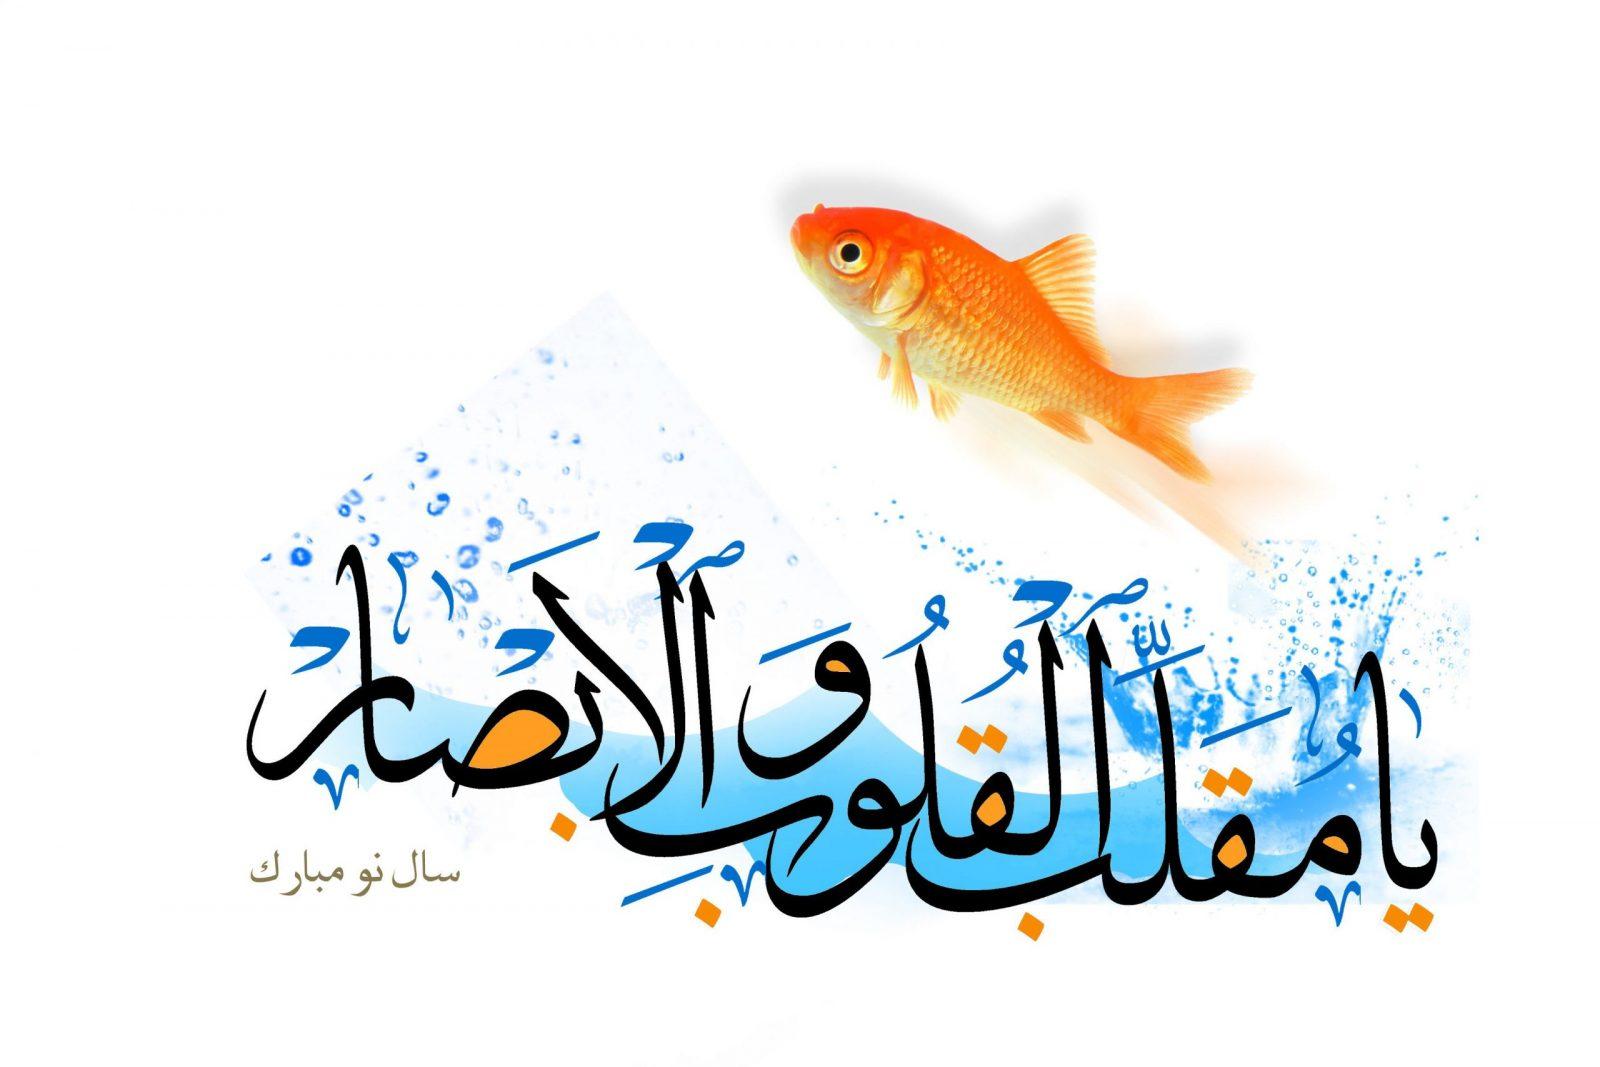 دعای-آغاز-عید-نوروز